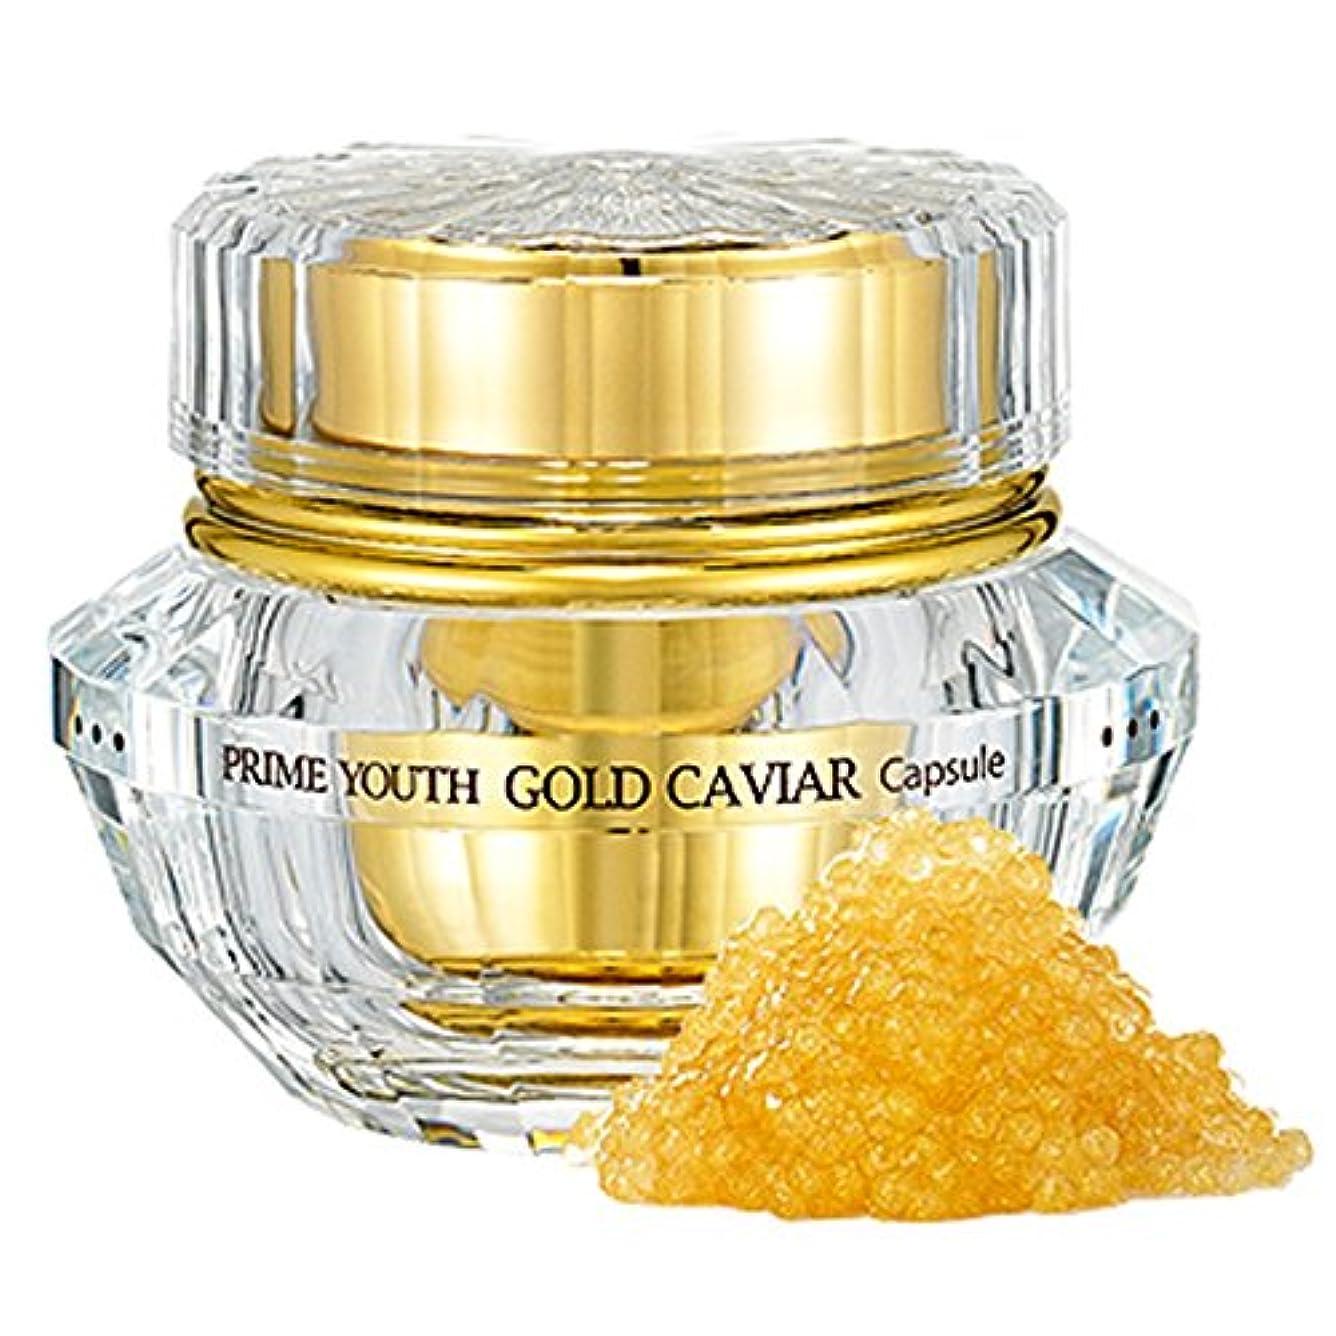 リーガンだますタンザニアプライムユースゴールドキャビアカプセルprime youth gold caviar capsule 50g 001-MI [並行輸入品]